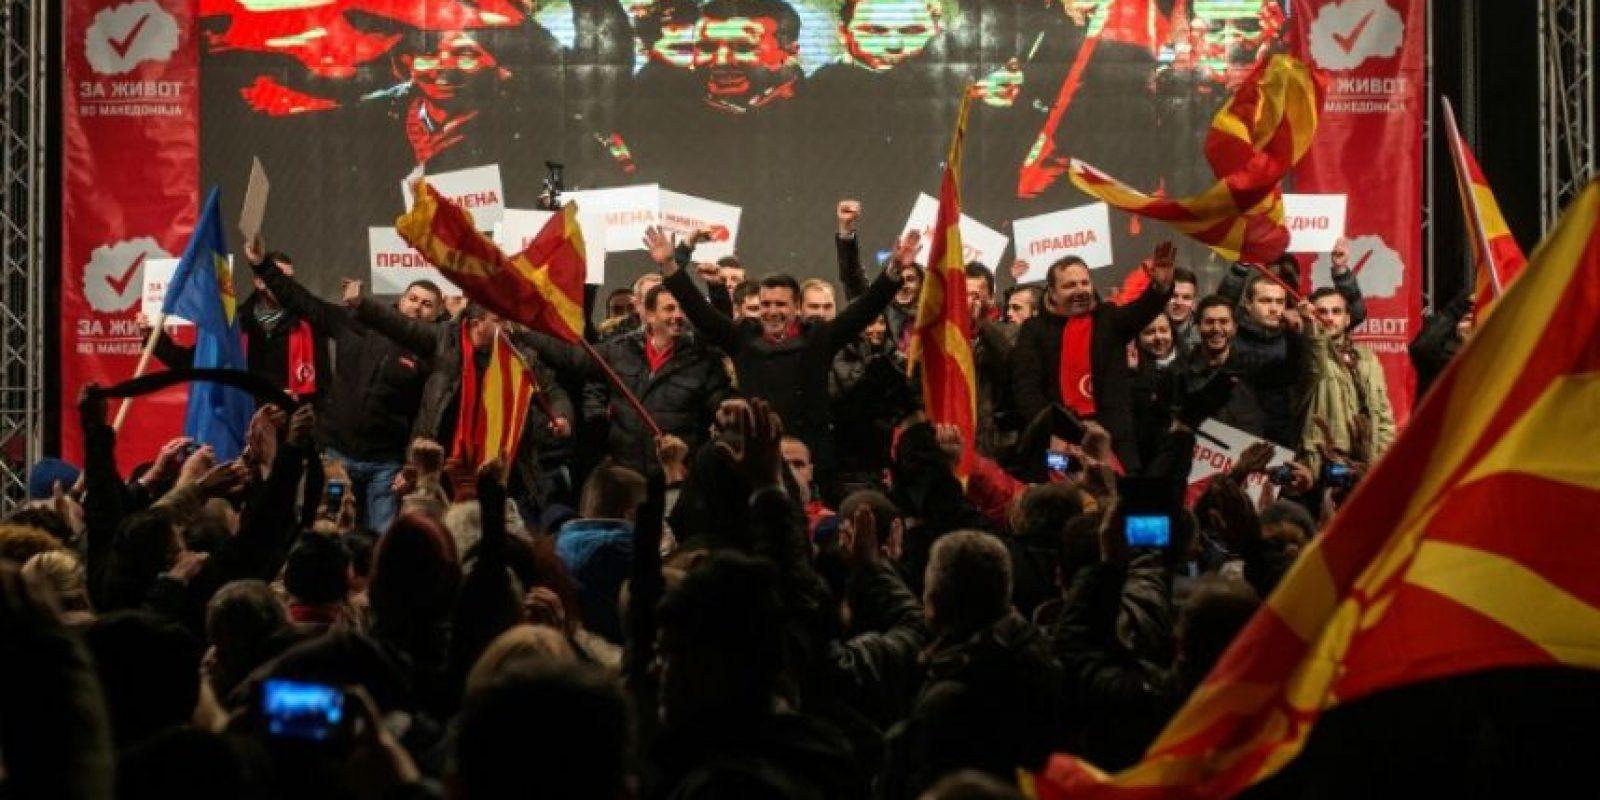 Zoran Zaev, líder del partido de oposición Unión Socialdemócrata de Macedonia (SDSM), durante su último mitin preelectoral, en Skopje, el 9 de diciembre de 2016 Foto:Robert Atanasovski/afp.com